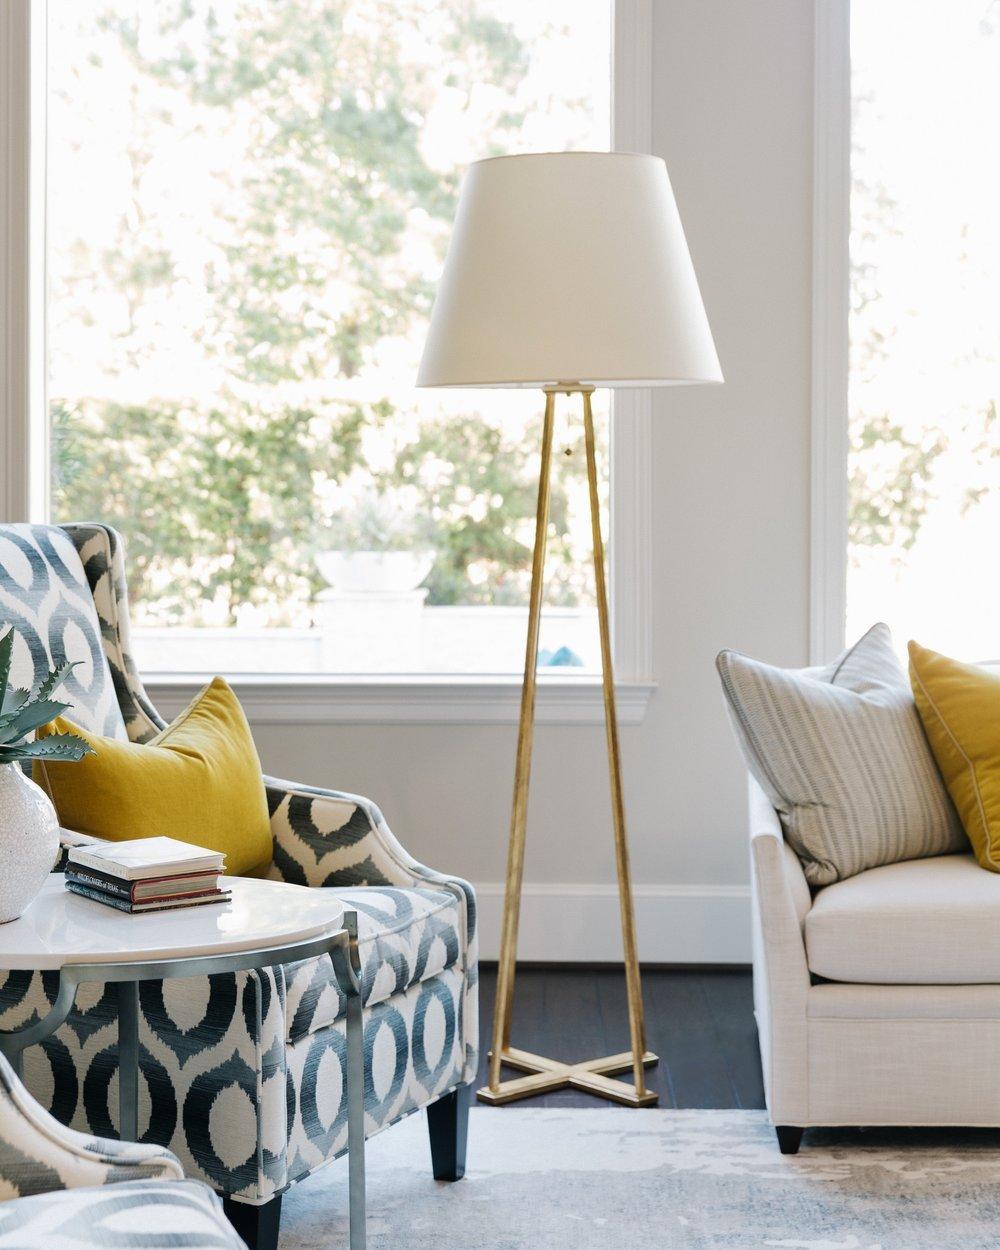 Gilded lamp in living room| Designer: Carla Aston, Photographer: Colleen Scott #living room #livingroomideas #floorlamp